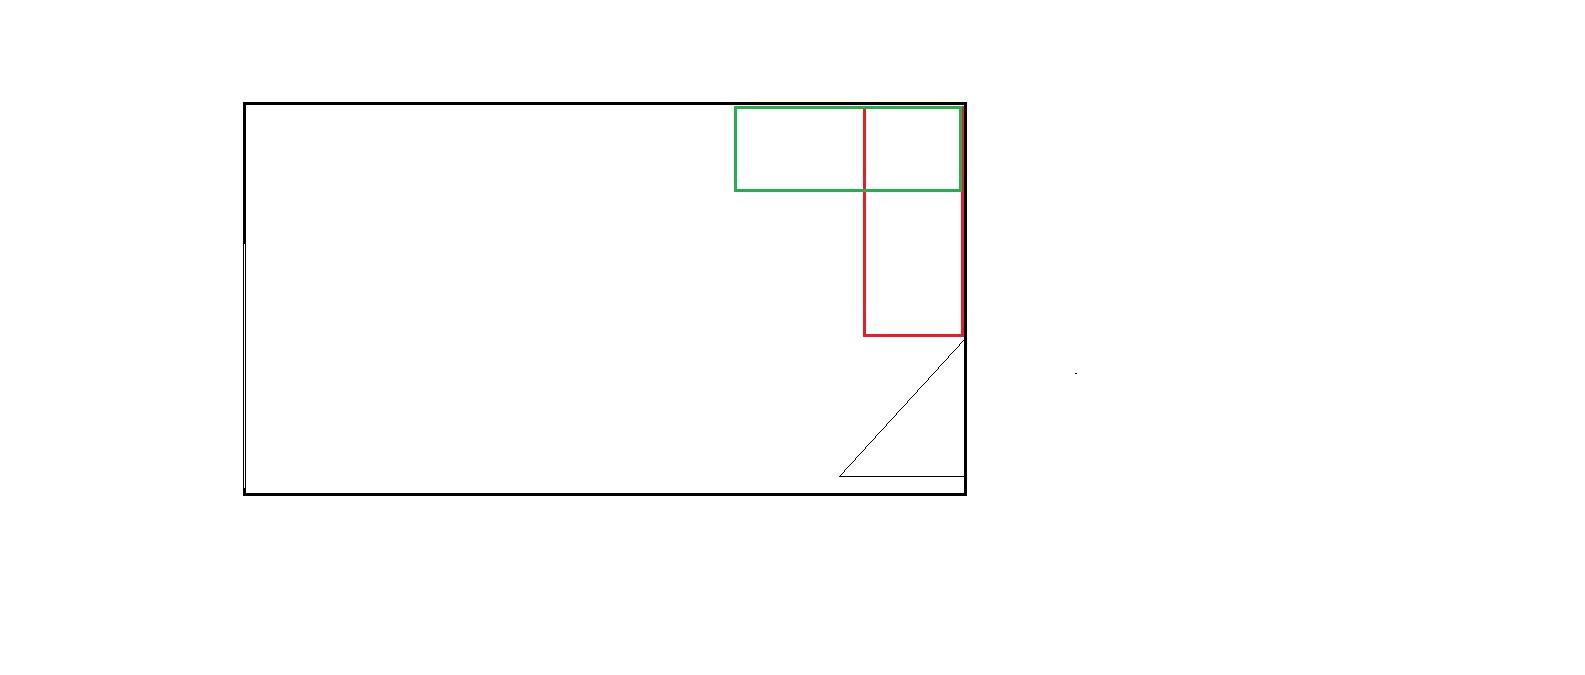 Ahoj holky, pomalu začínáme přemýšlet nad rozvržením pokoje pro hosty. Původně byl pokoj dělaný přímo na určité rozvržení nábytku. Bohužel to jsme nuceni změnit. Takže vás poprosím o názor, jak by jste umístily skříně. Ty budou hluboké 60cm a široké 150 cm... červená nebo zelená varianta...? :-) Moc děkuji ♥ (Ještě zvažuji červenou variantu s tím, že by skříň byla široká jen 100cm, ale úložné prostory se vždy hodí :-D) - Obrázek č. 1